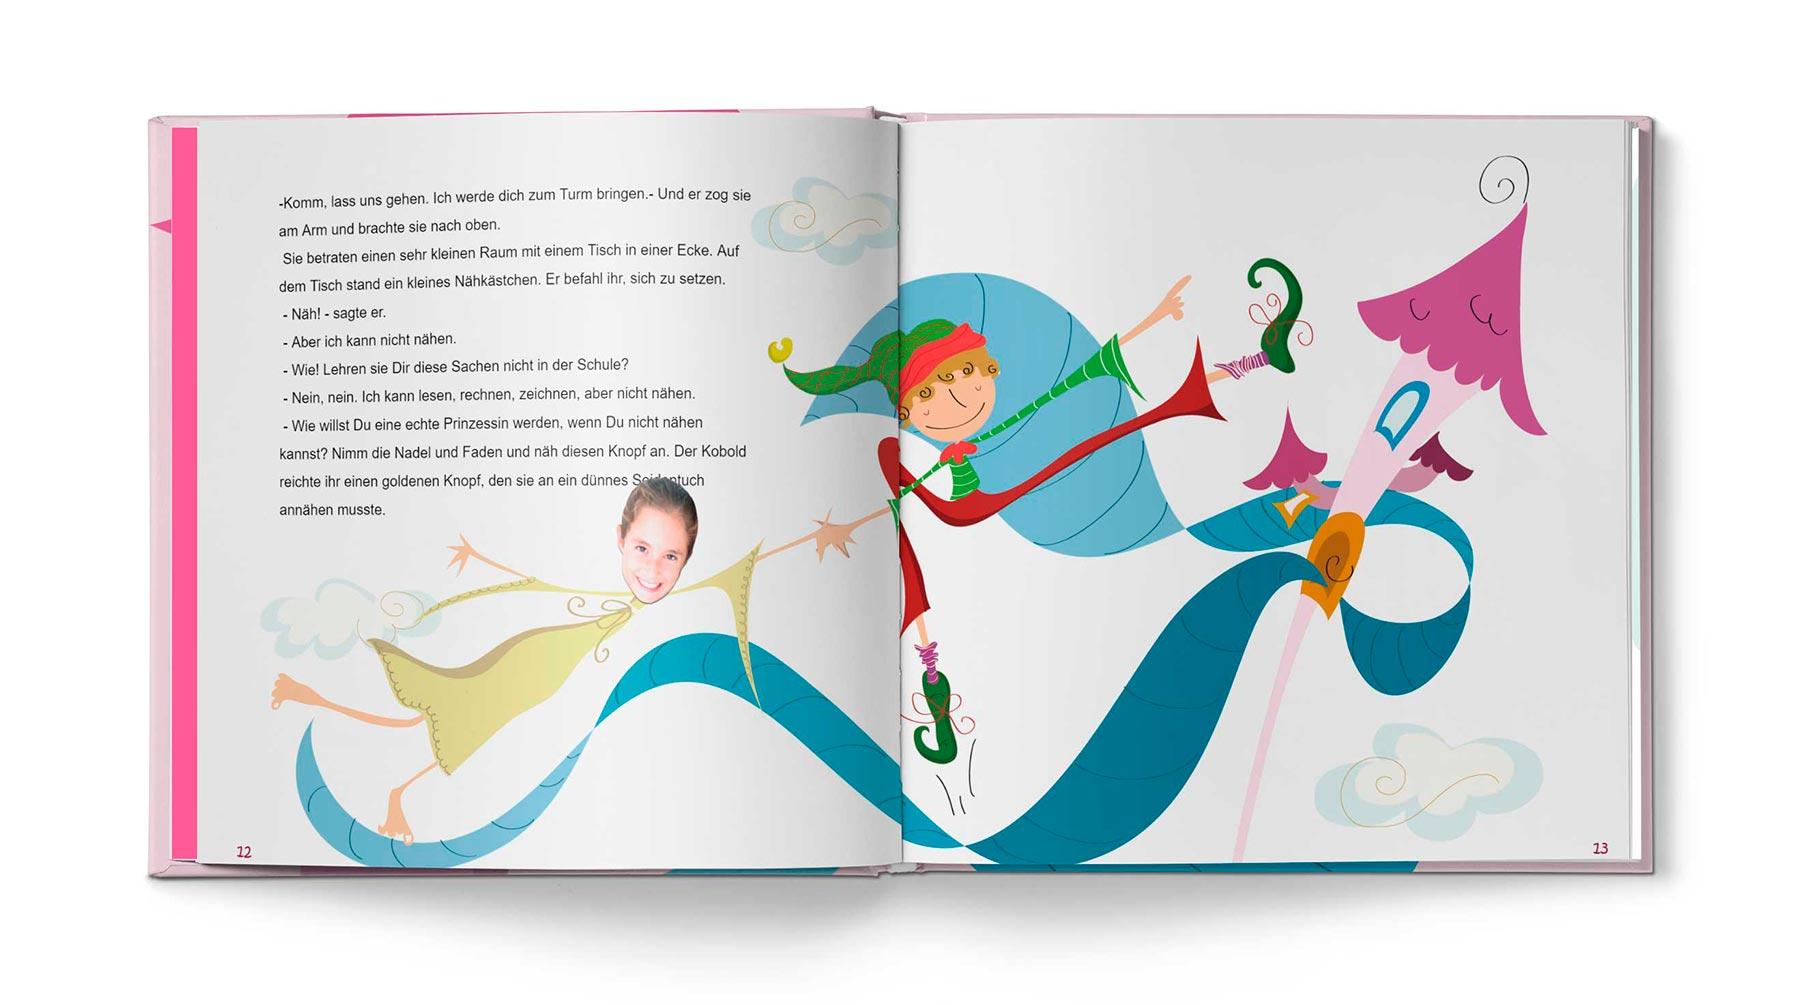 Geschichte Die Prinzessin und das Pflaster - Bild 6